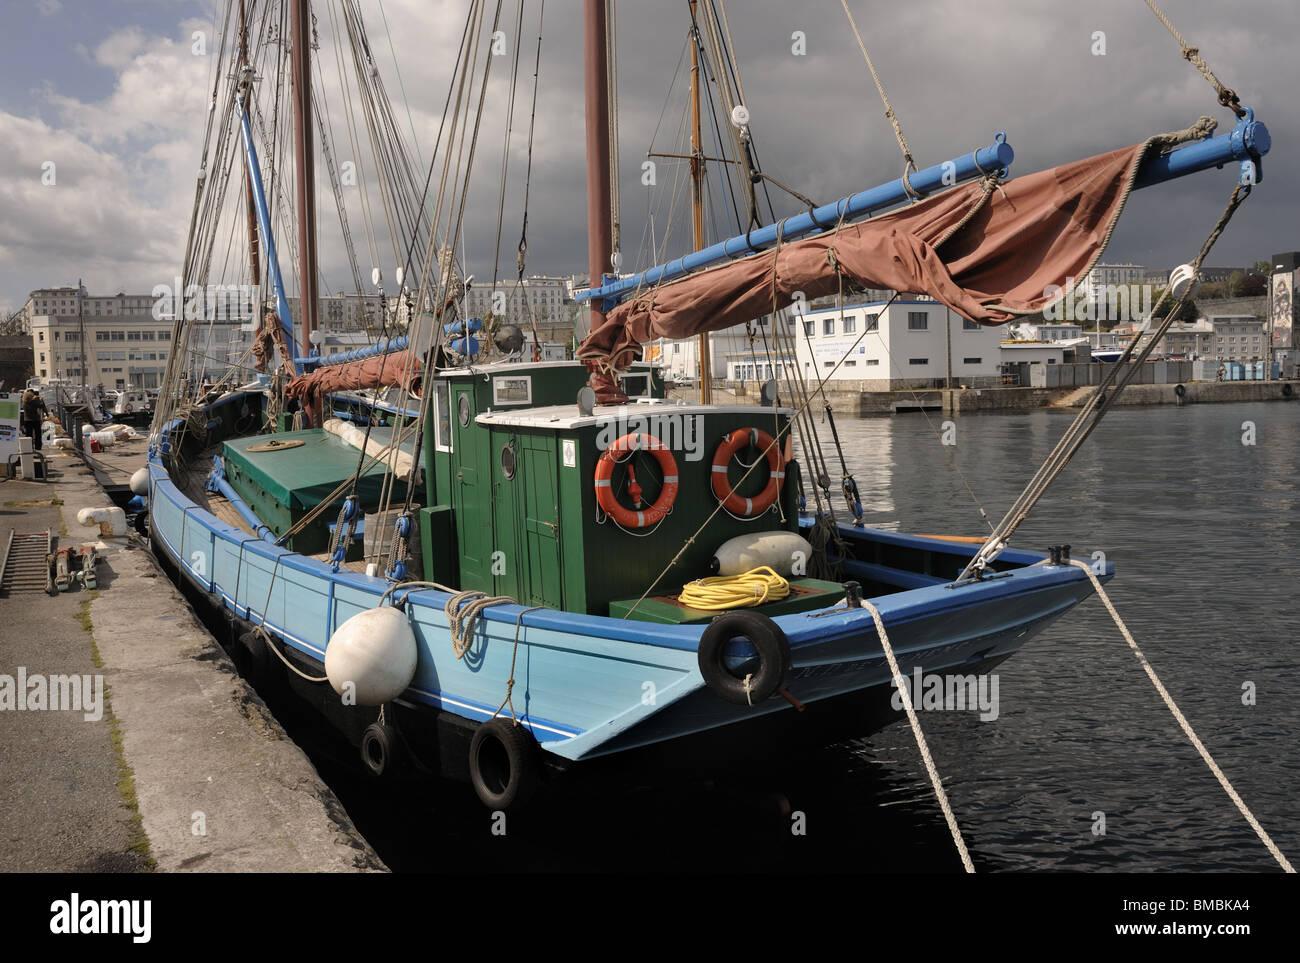 Bateau historiques amarrés dans le port de Brest, Bretagne, France Photo Stock